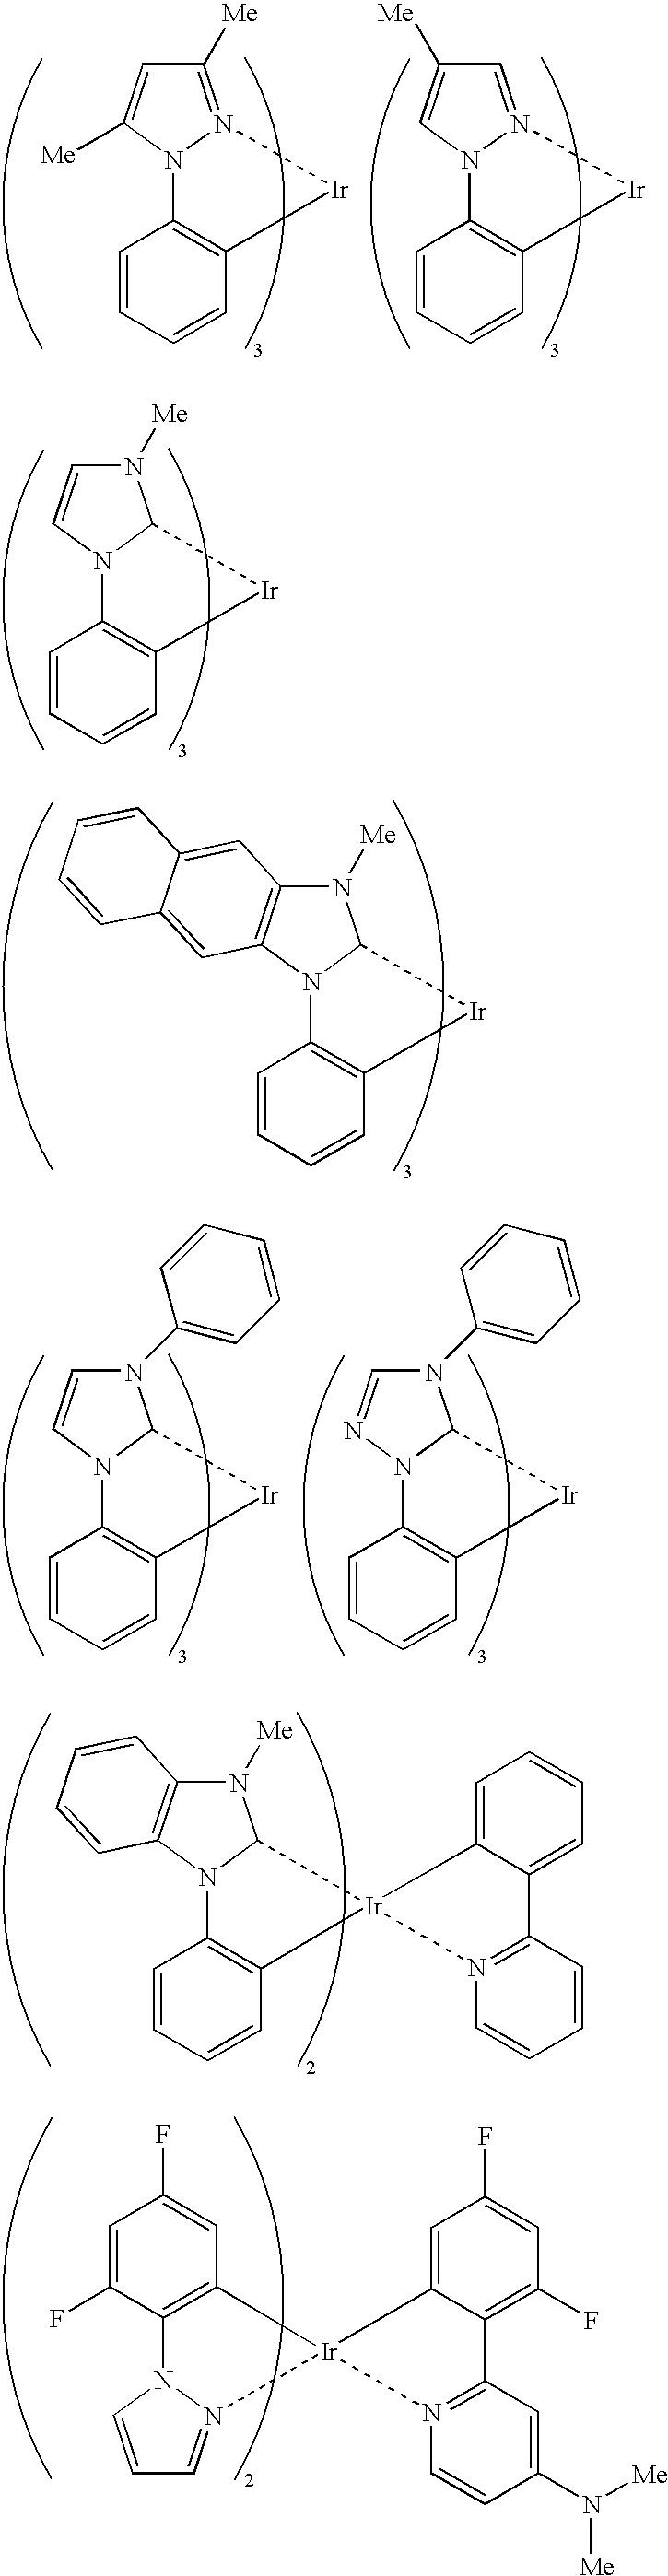 Figure US07608993-20091027-C00004